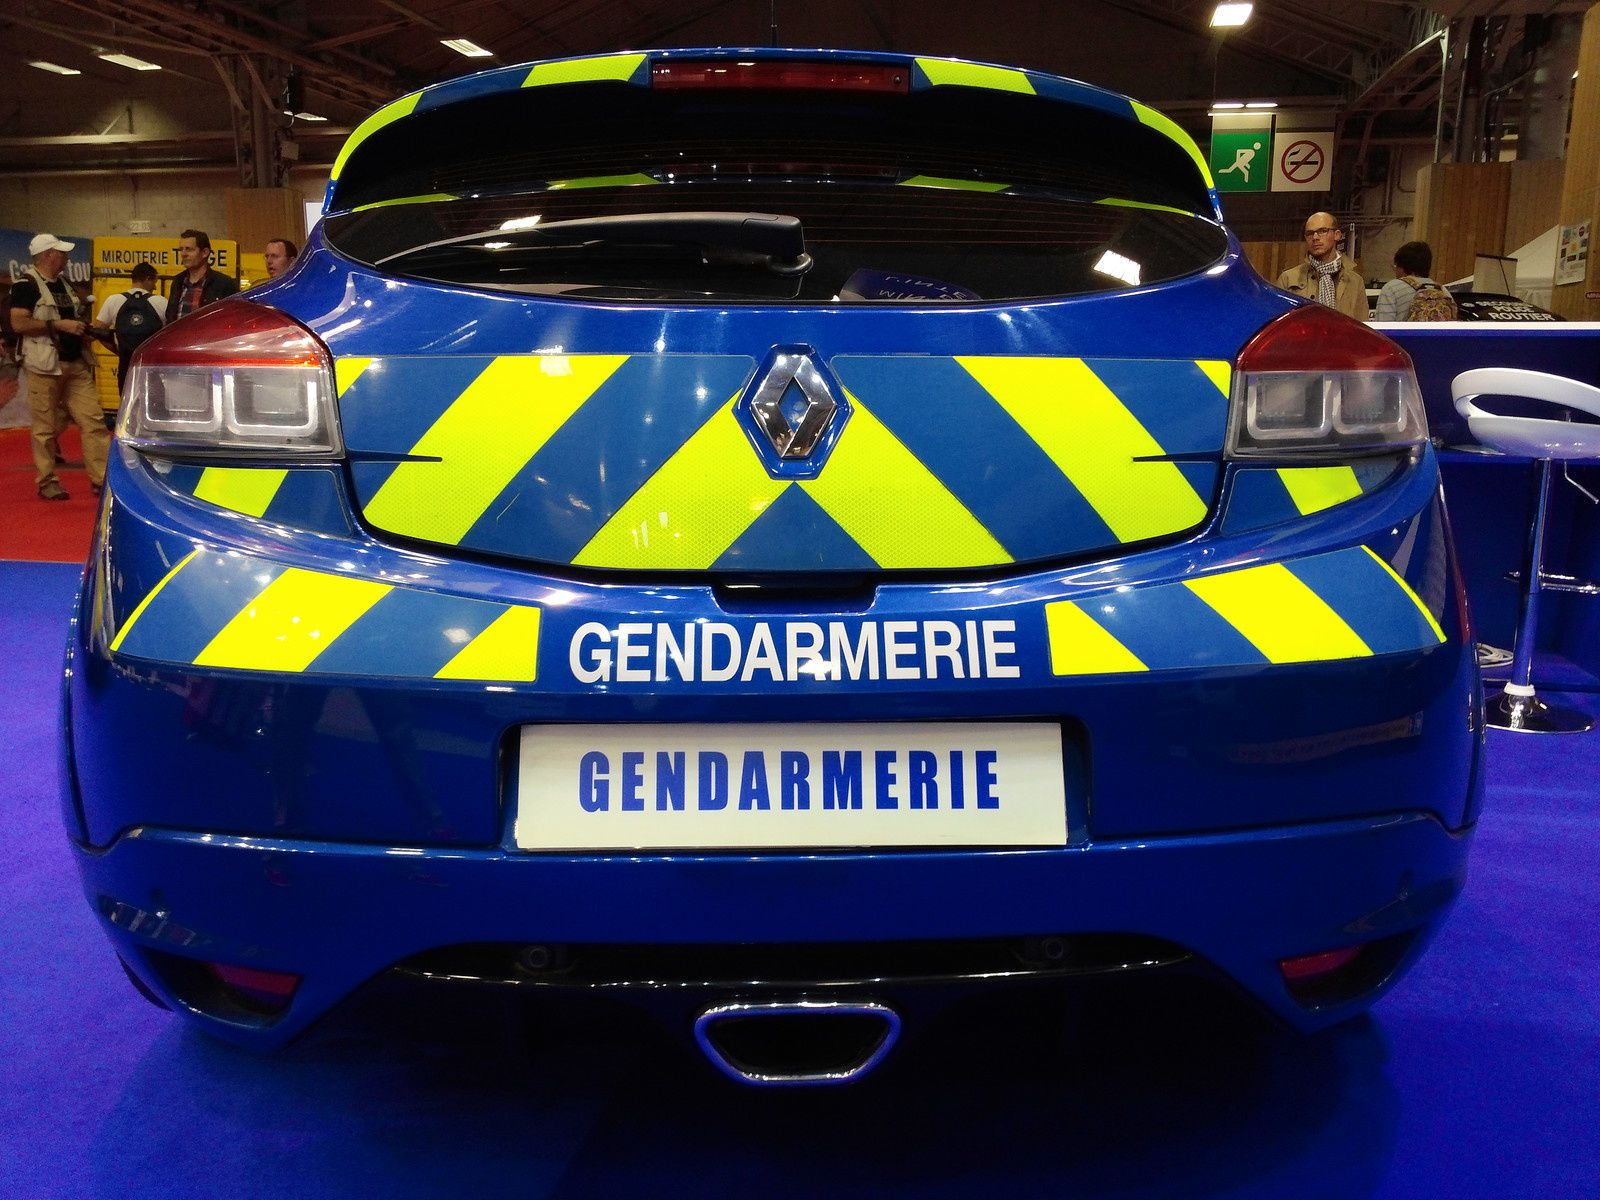 Voiture d'intervention de la Gendarmerie -  Mégane Renault Sport - puissance 260cv - 255km/h - du 0 à 100km/h en 5.9 secondes . . . .  Vous aurez été au moins prévenus &#x3B;-)